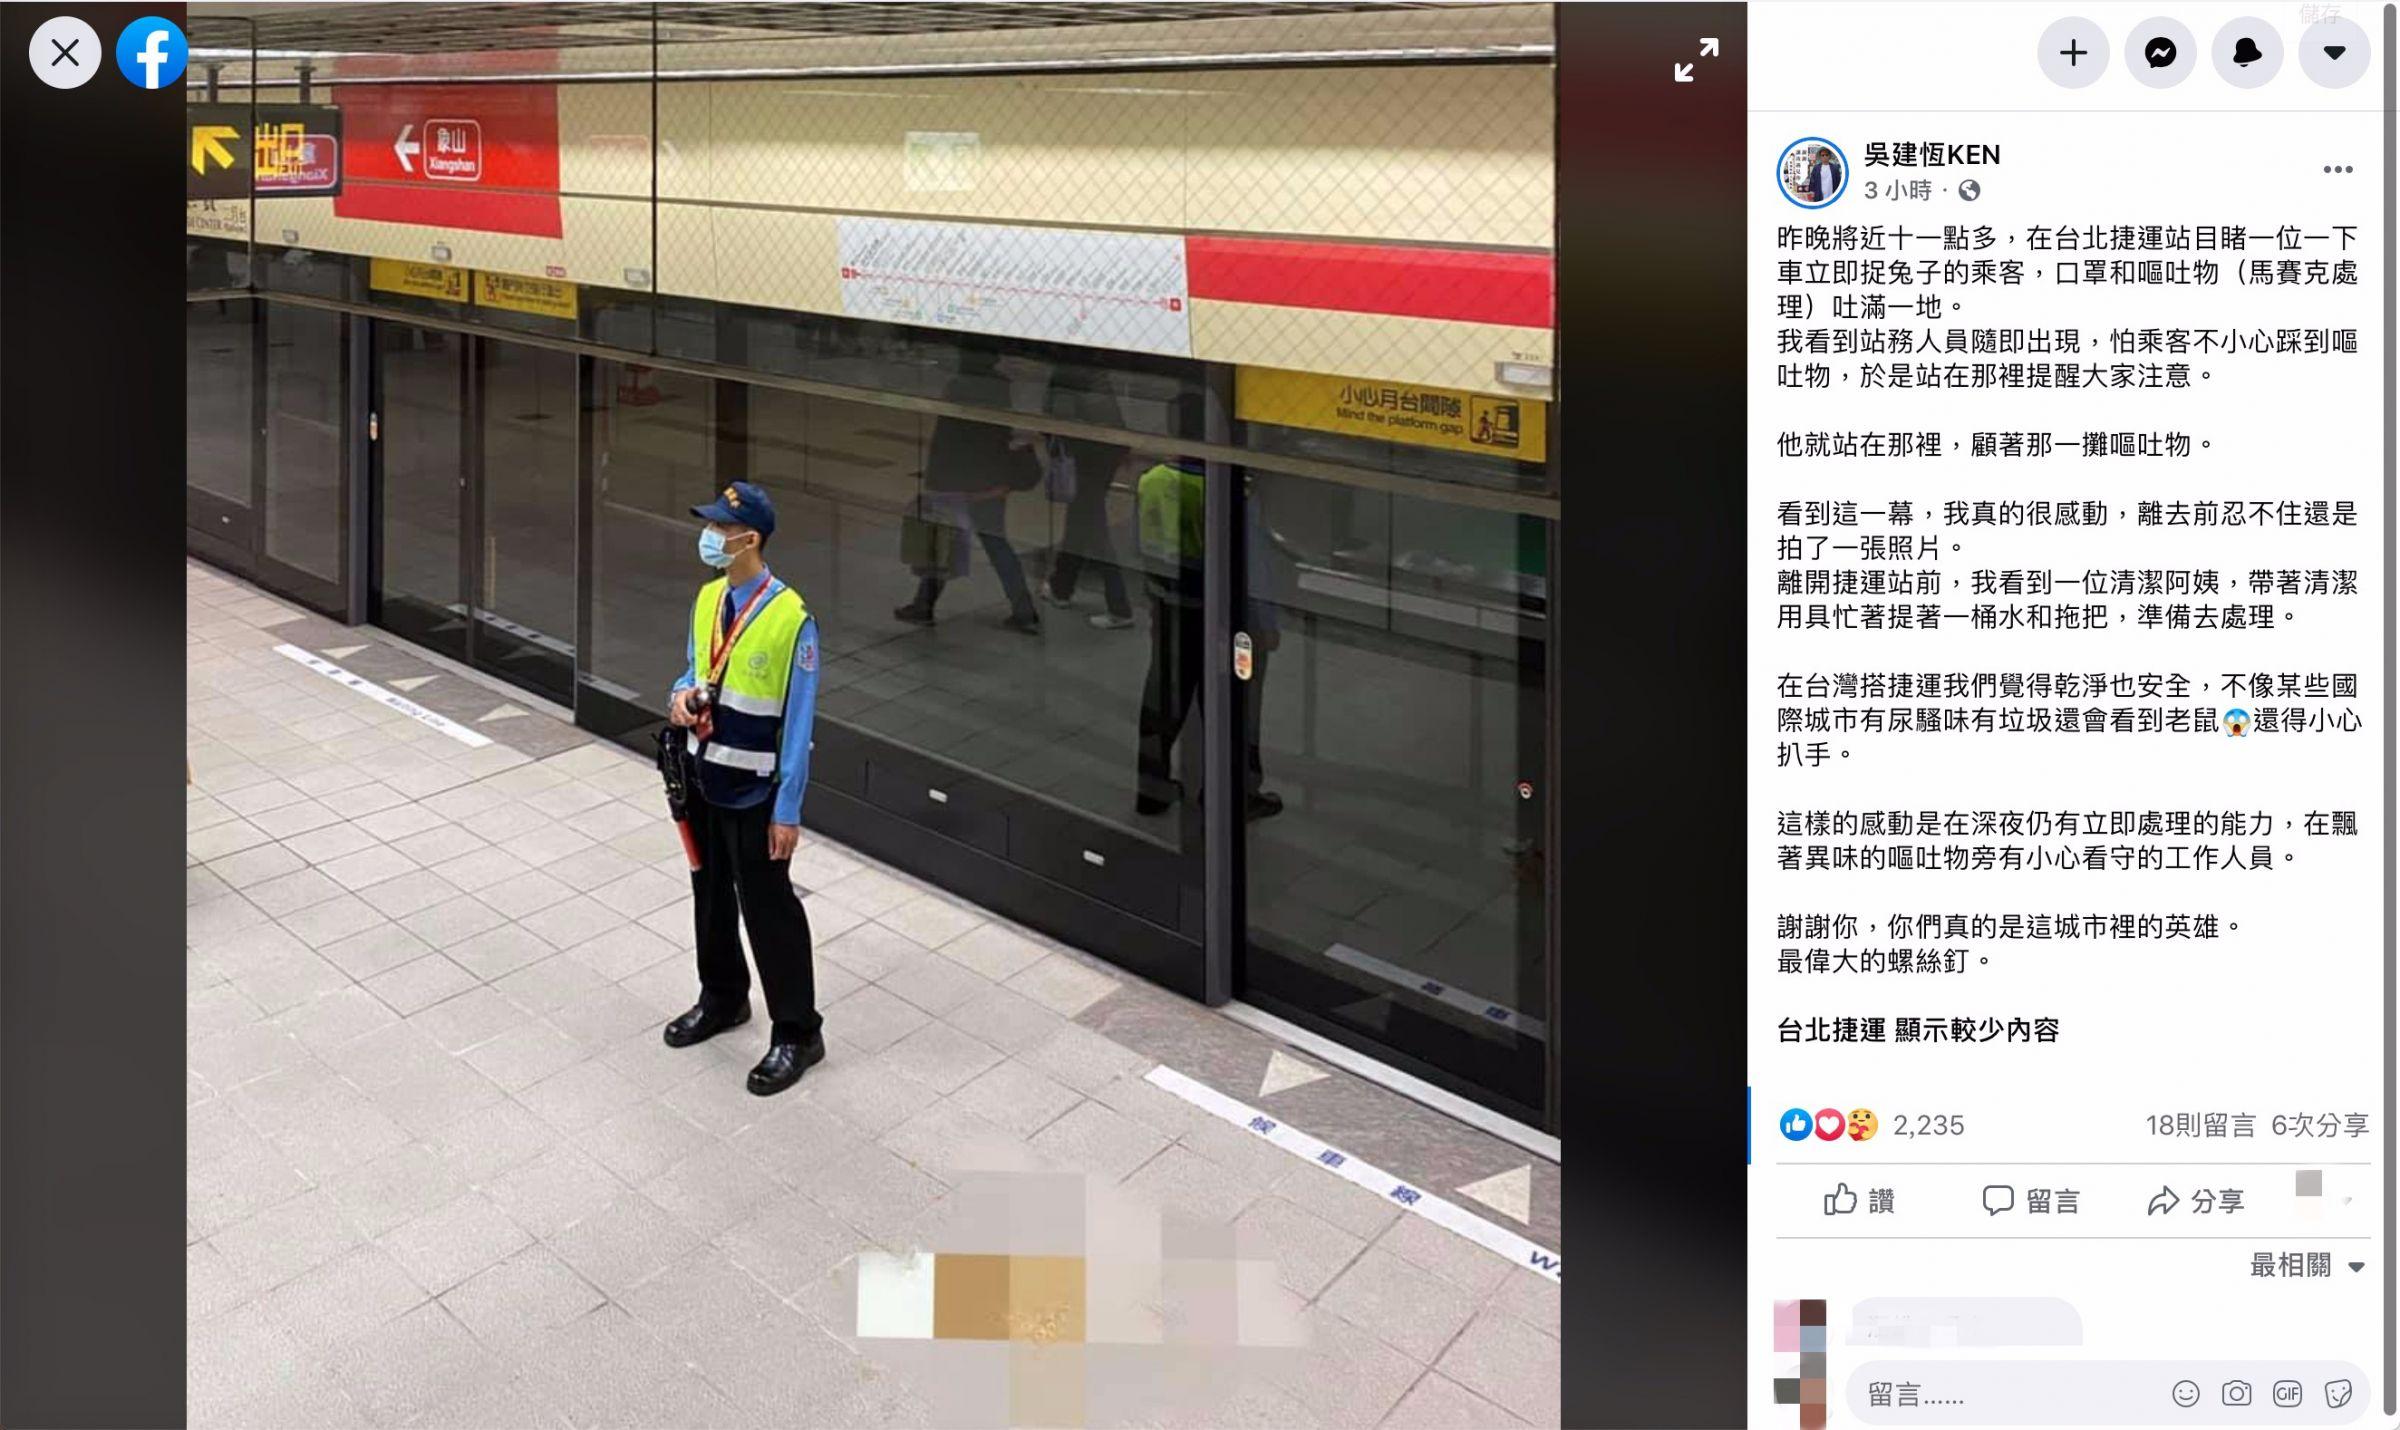 月台驚見嘔吐物!站務人員一旁默默付出 吳建恆讚台灣捷運:乾淨安全